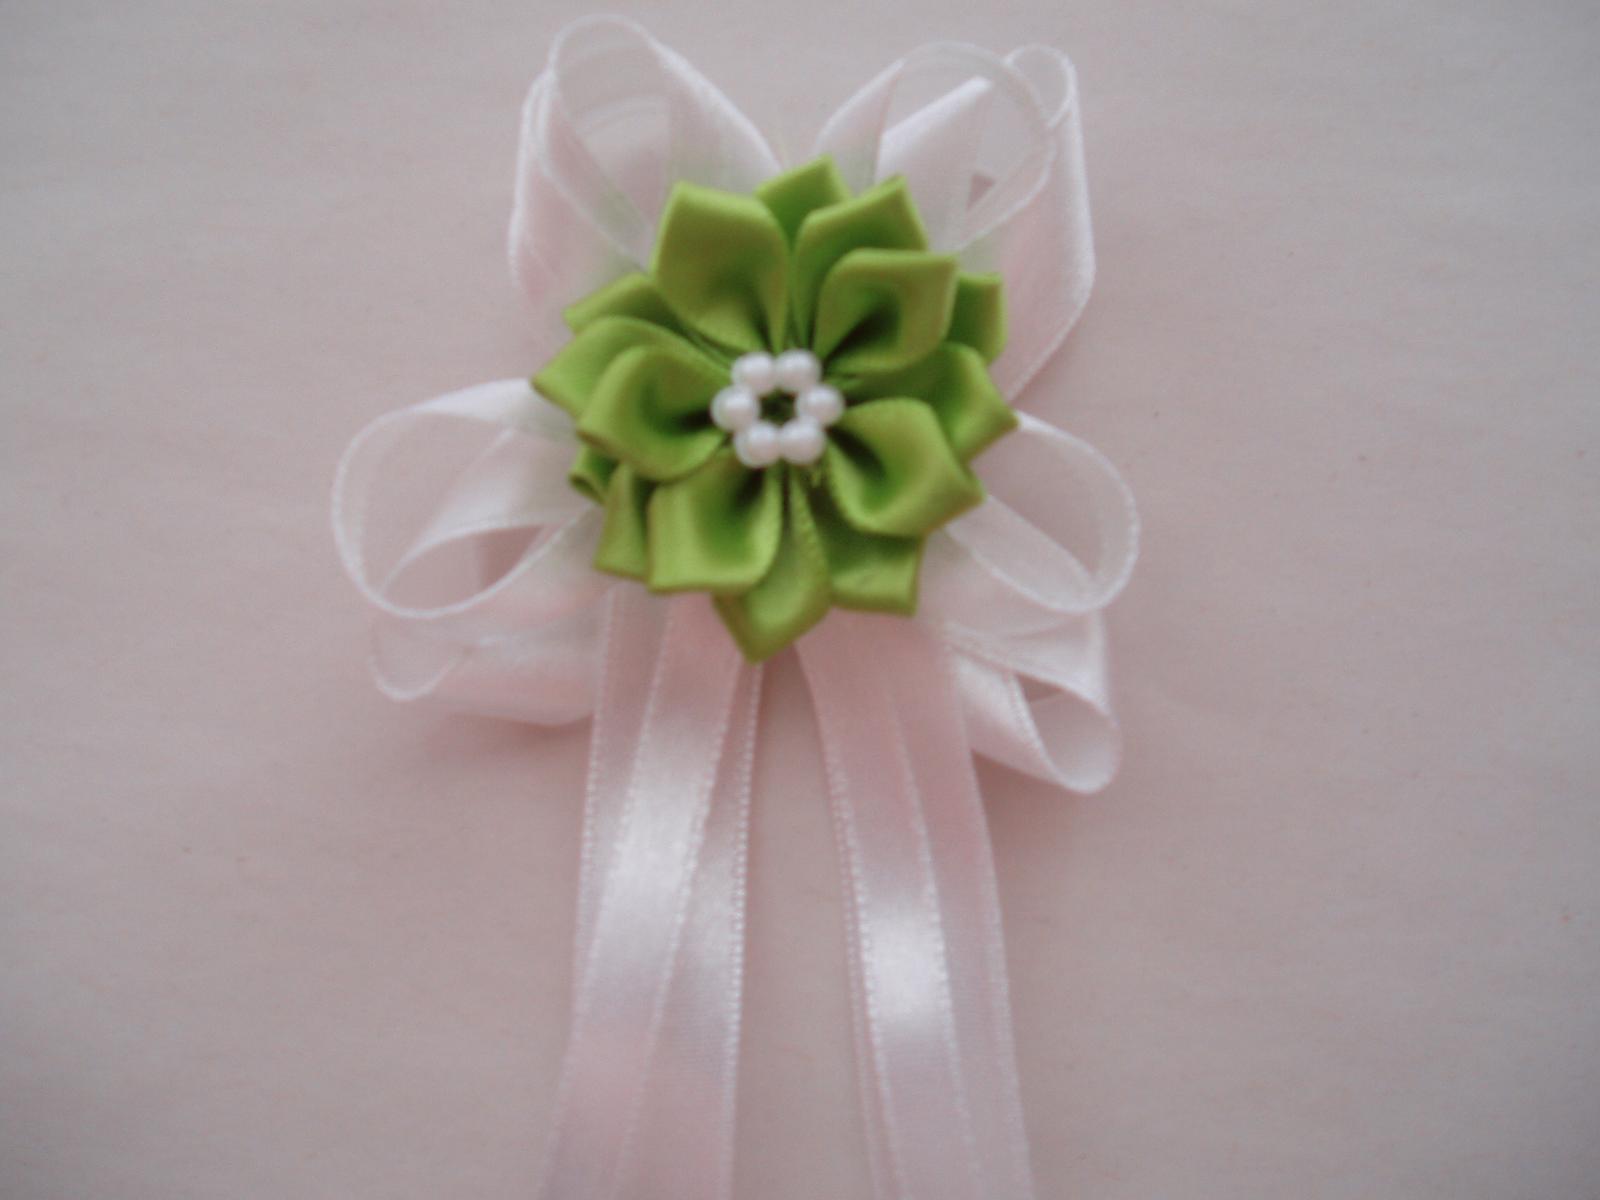 vývazek se zelenou kytičkou - Obrázek č. 1